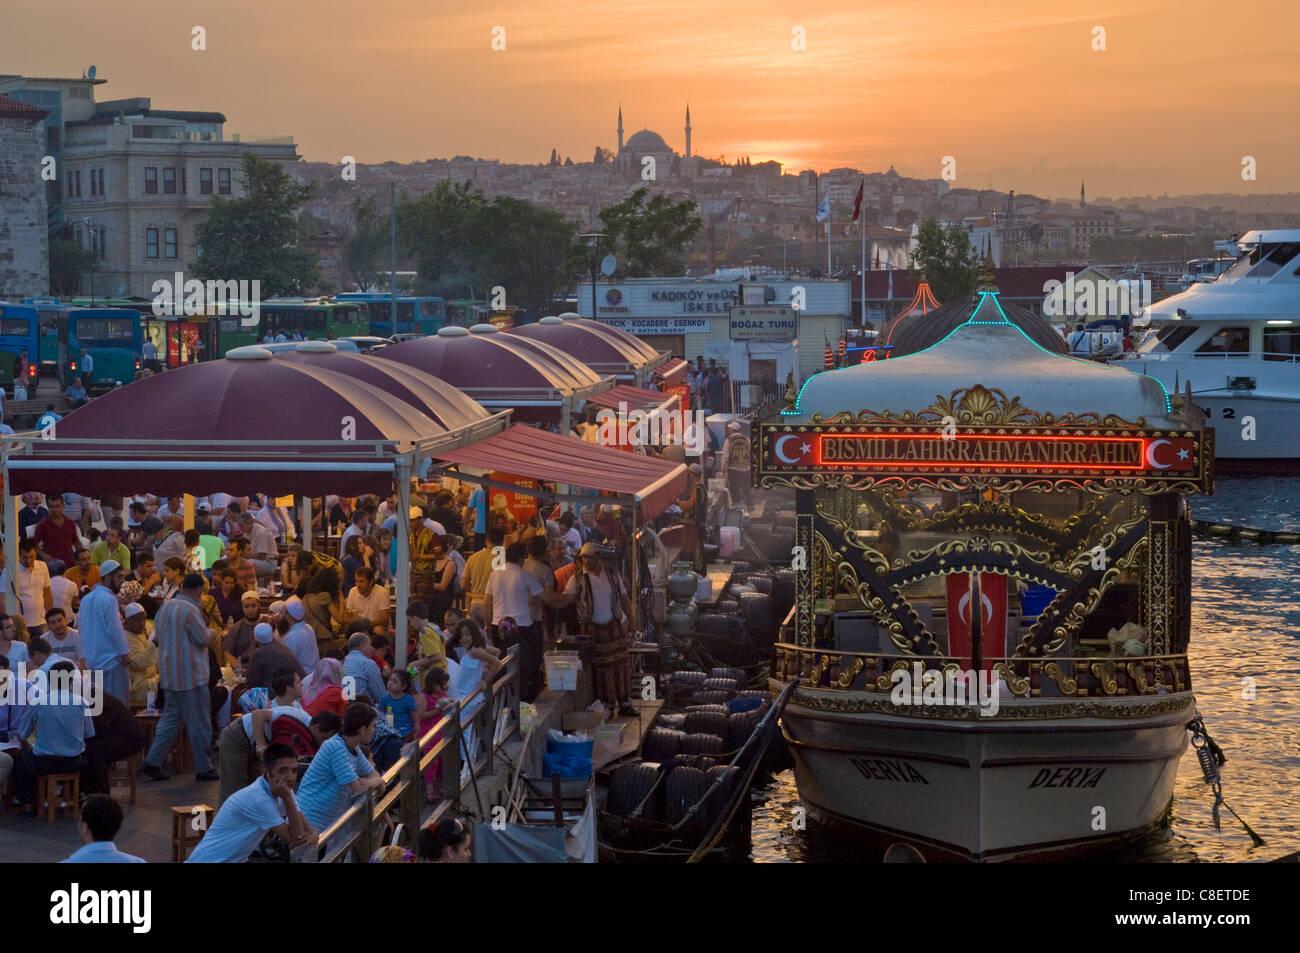 Les bateaux traditionnels et de cuisine, vente de produits alimentaires, d'Eminonu pont Galeta, Istanbul, Turquie Photo Stock